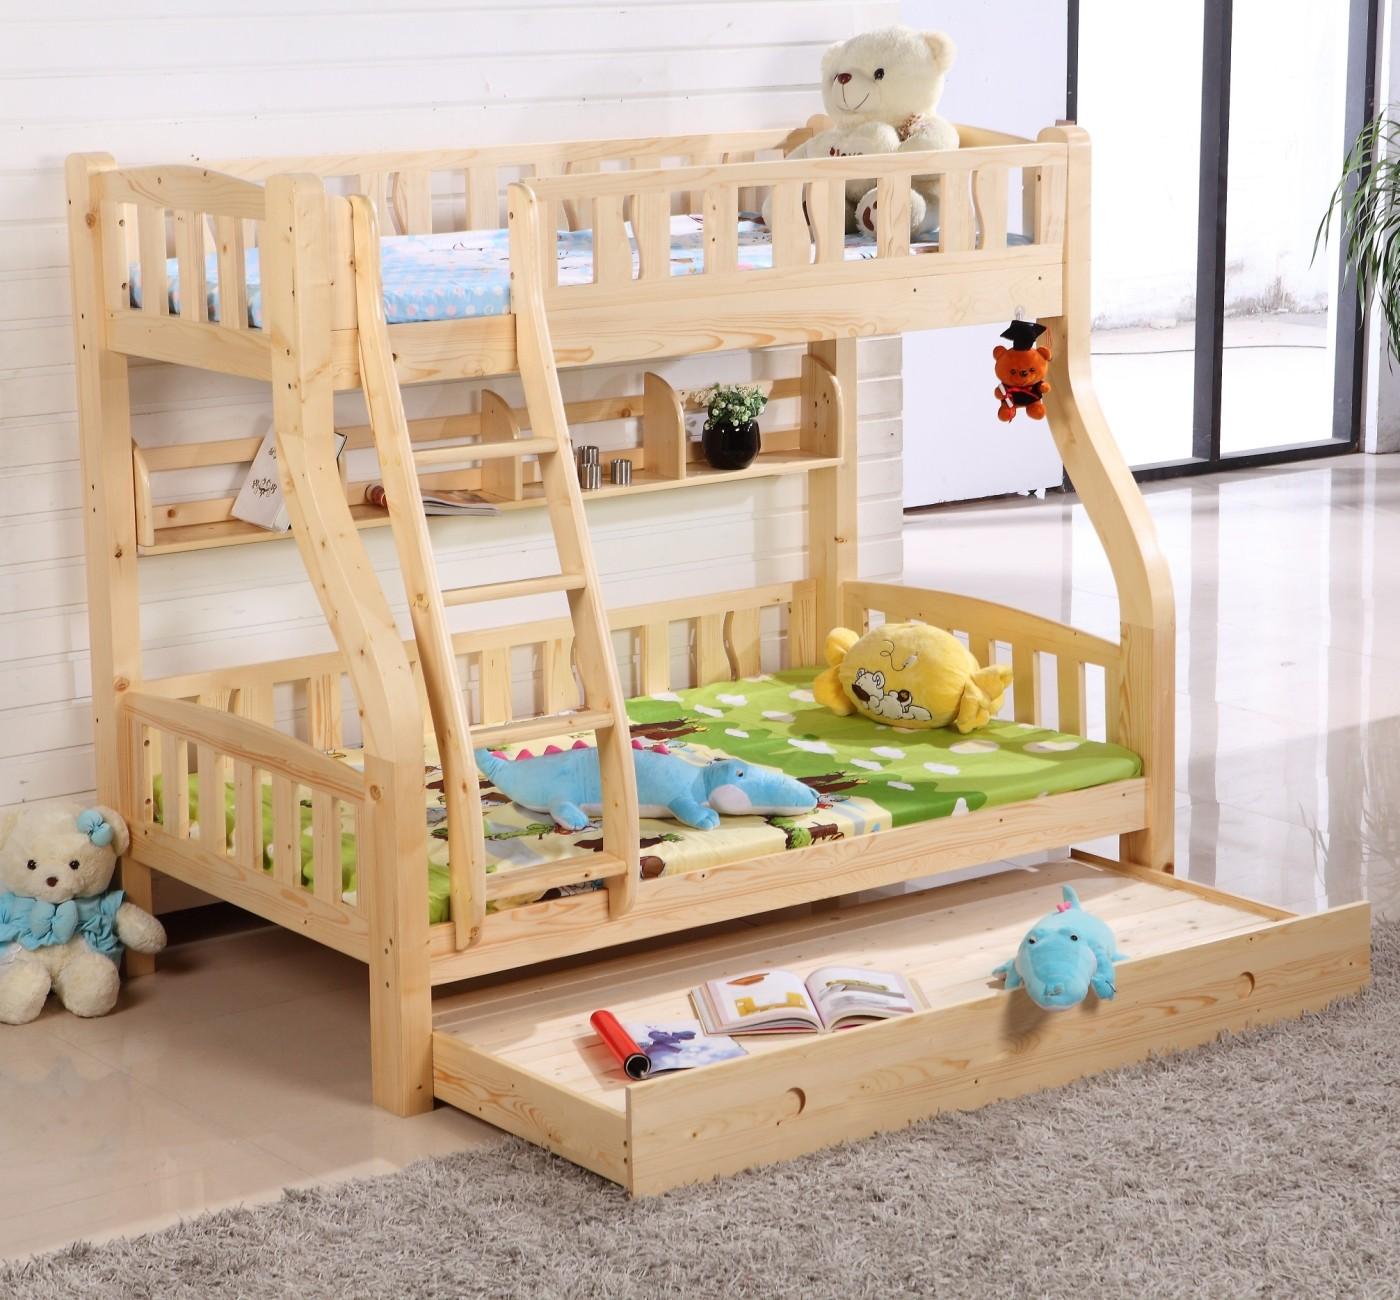 Nordic Финляндии сосны двухэтажный детская кровать с хранения один двухместный высота ограждения на кровати Кровать кластера под бревна